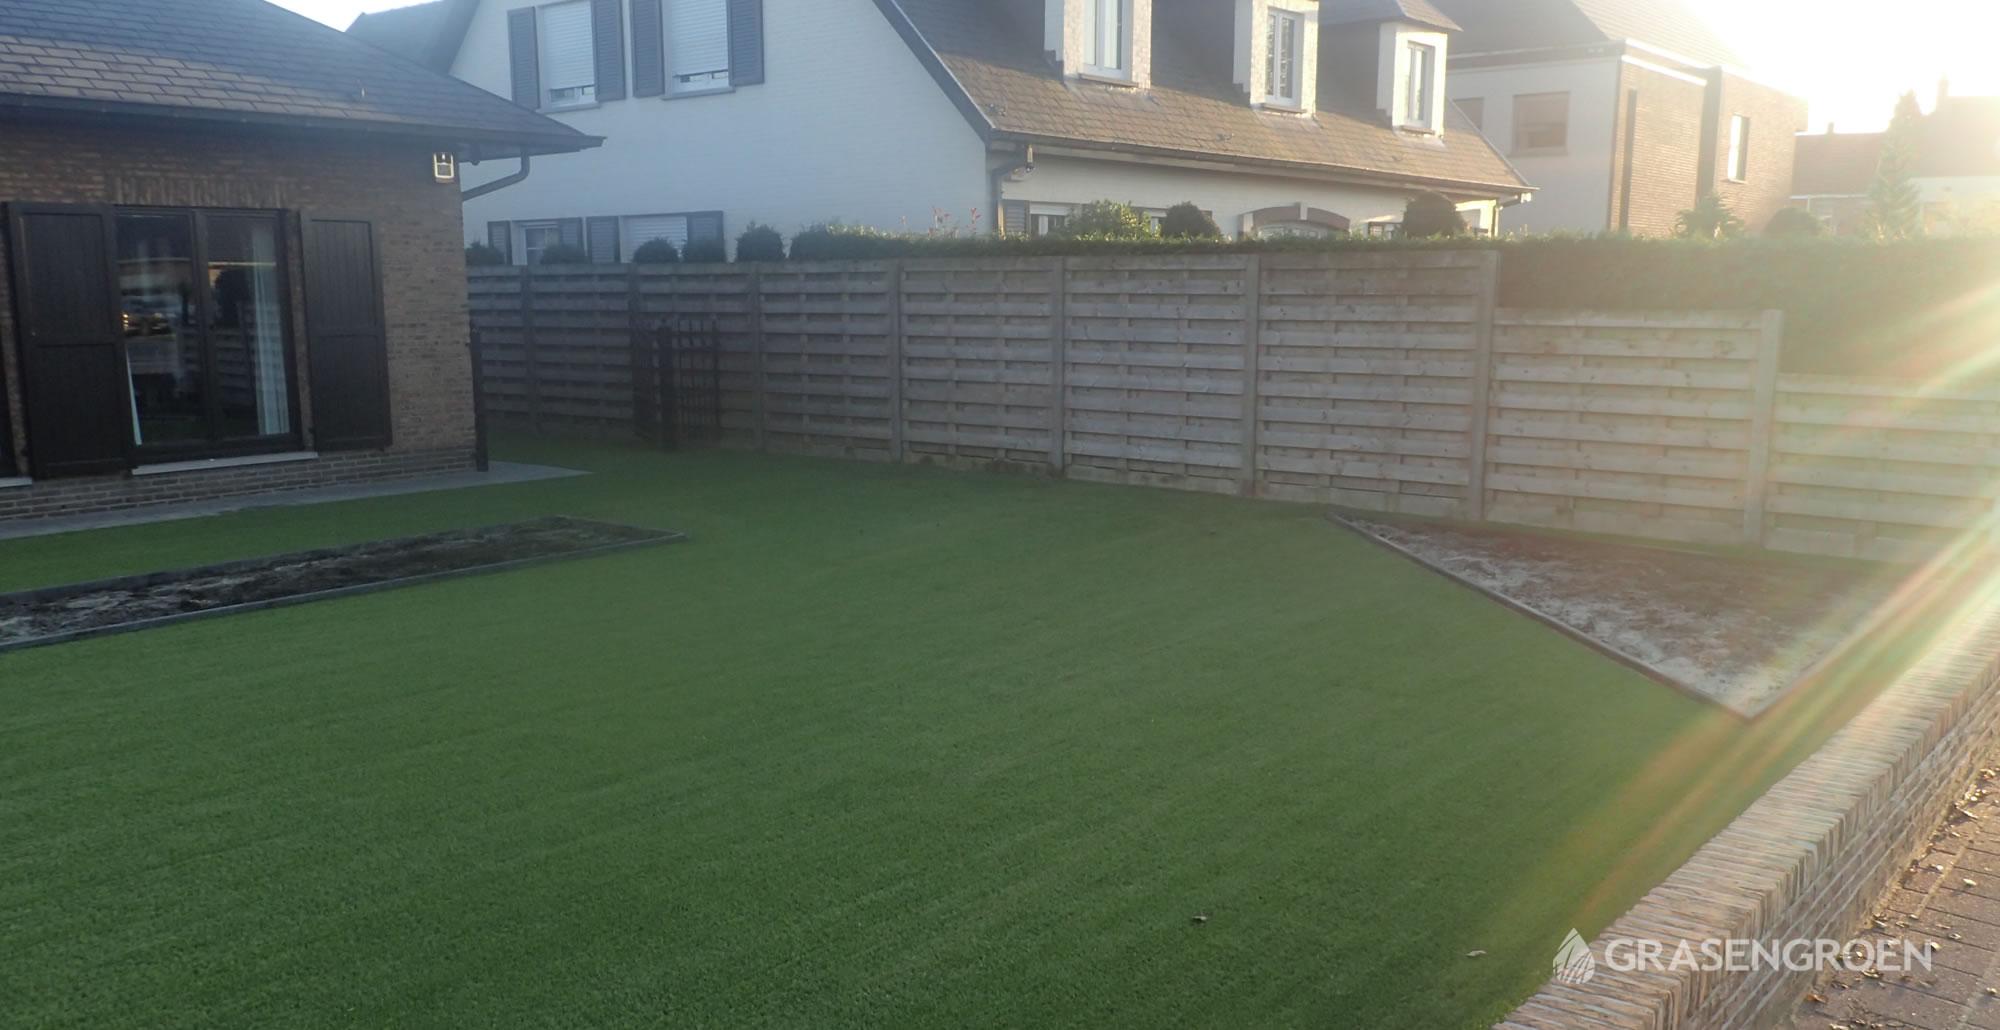 Kunstgrasleggenwuustwezel17 • Gras en Groen Kunstgras